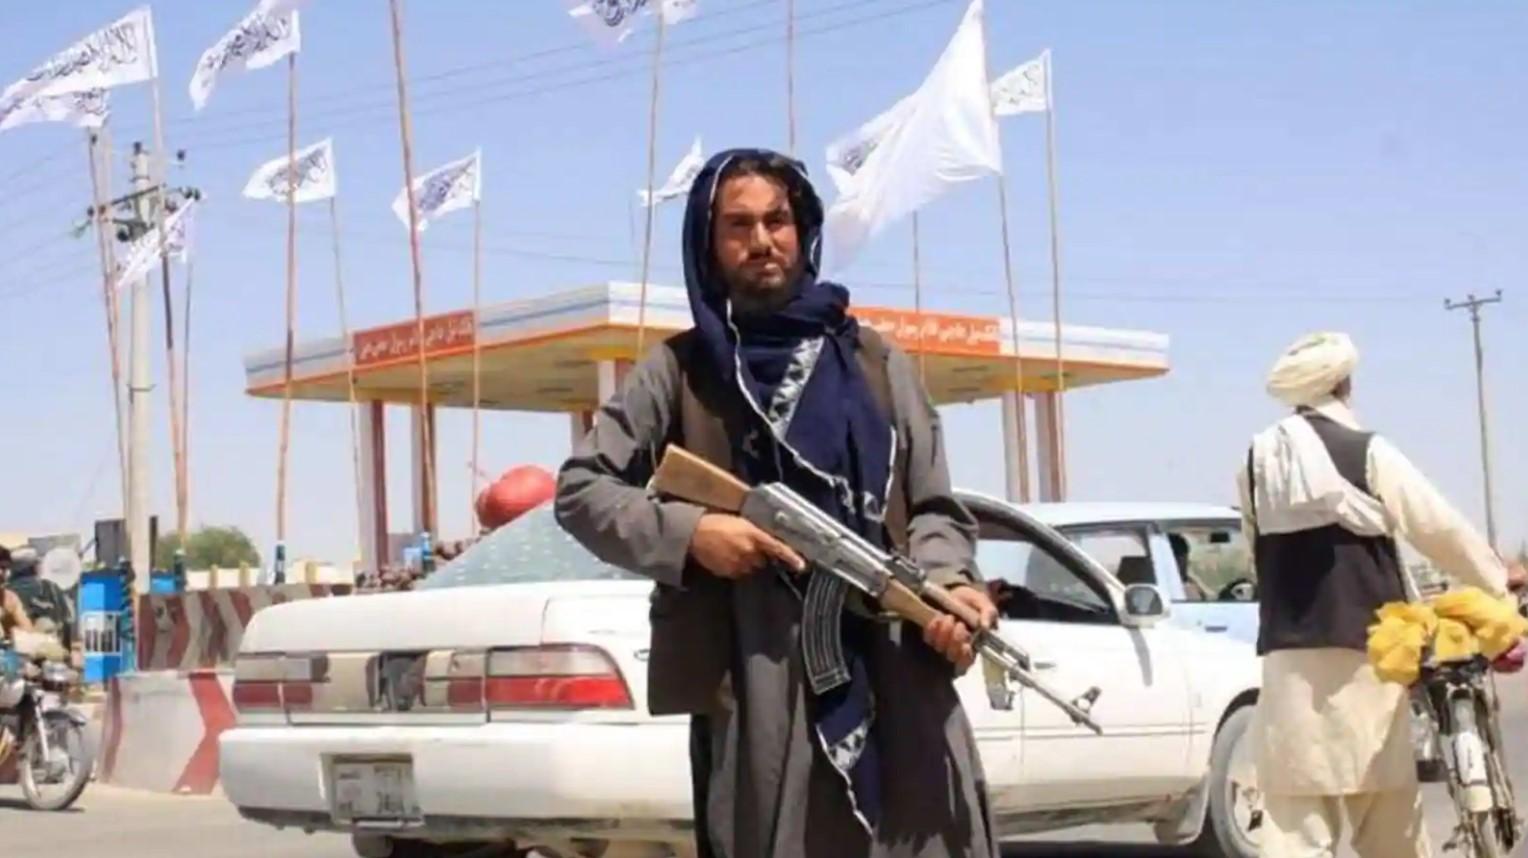 Afghanistan man fleeing